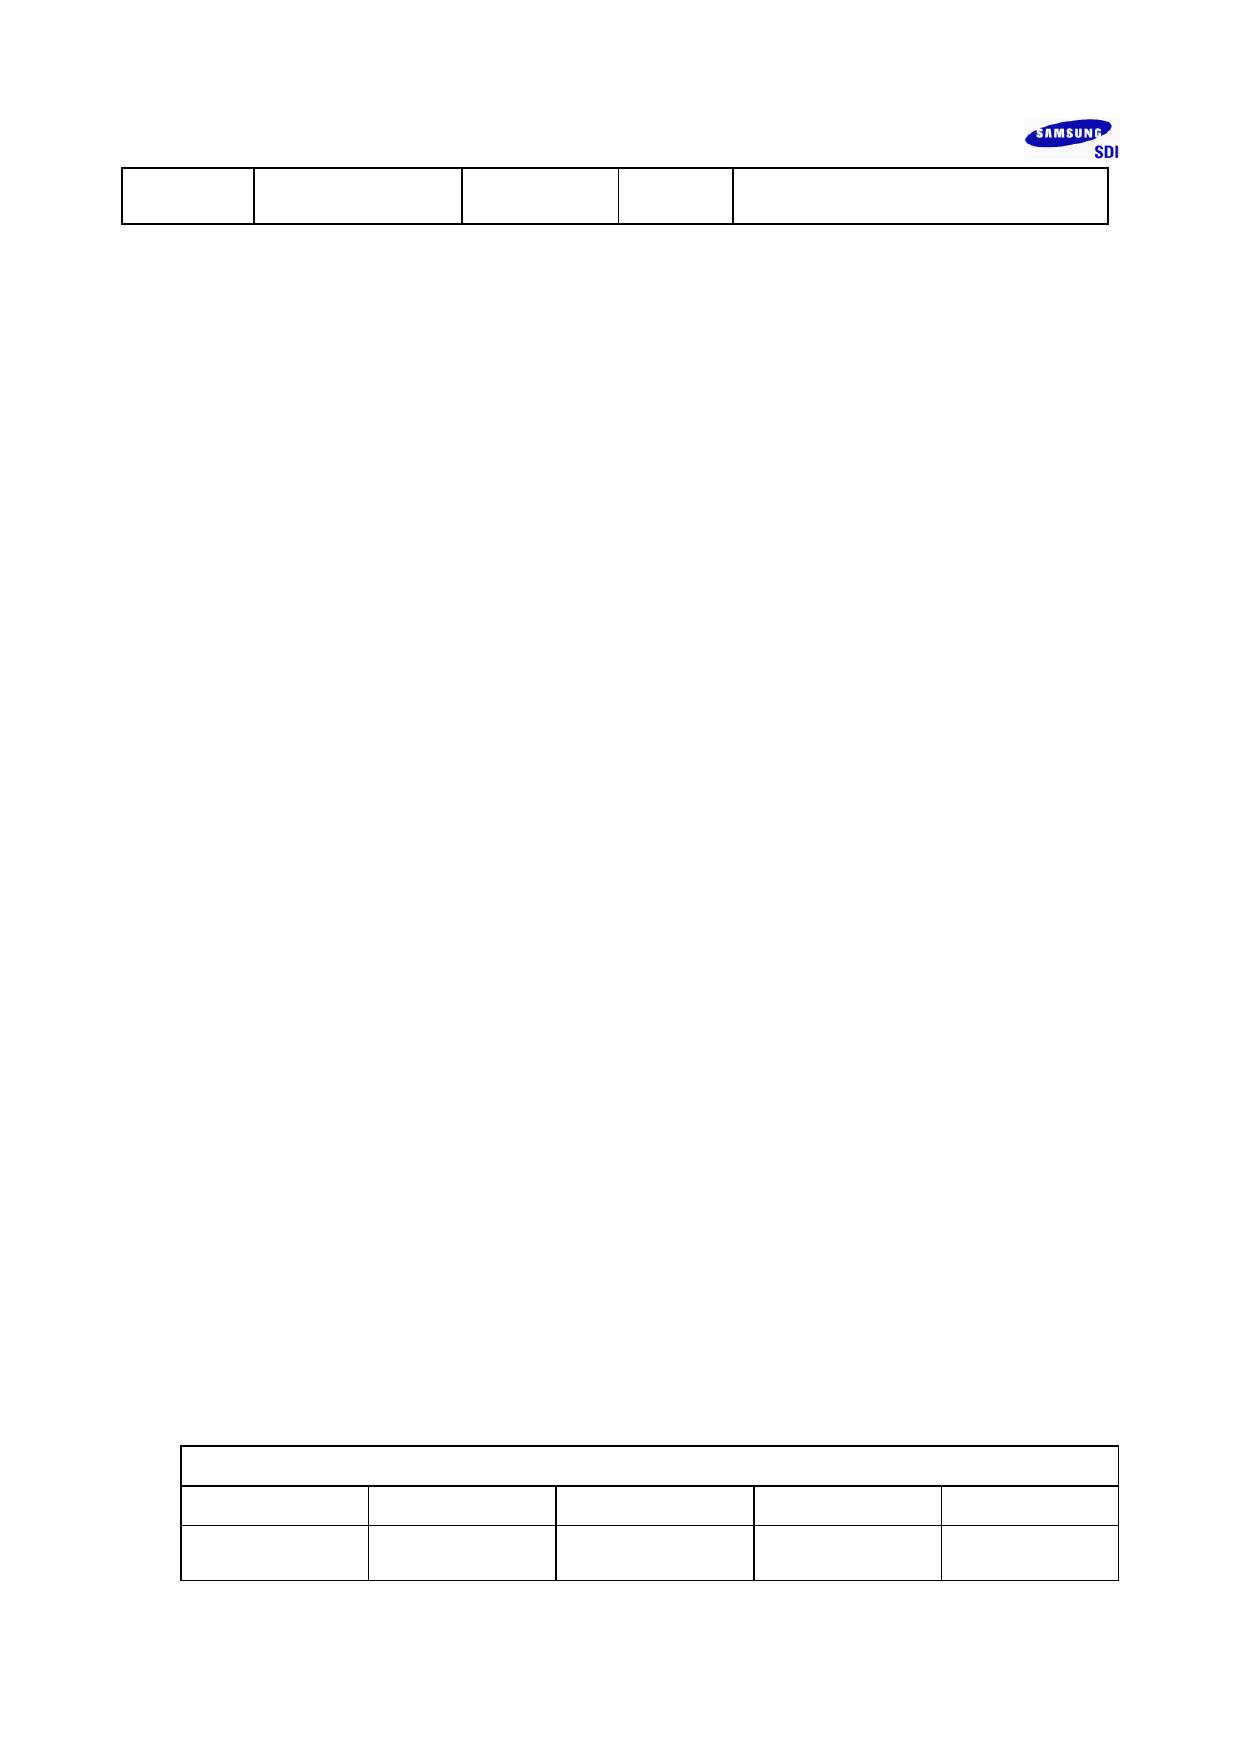 INR18650-20Q pdf, 반도체, 판매, 대치품